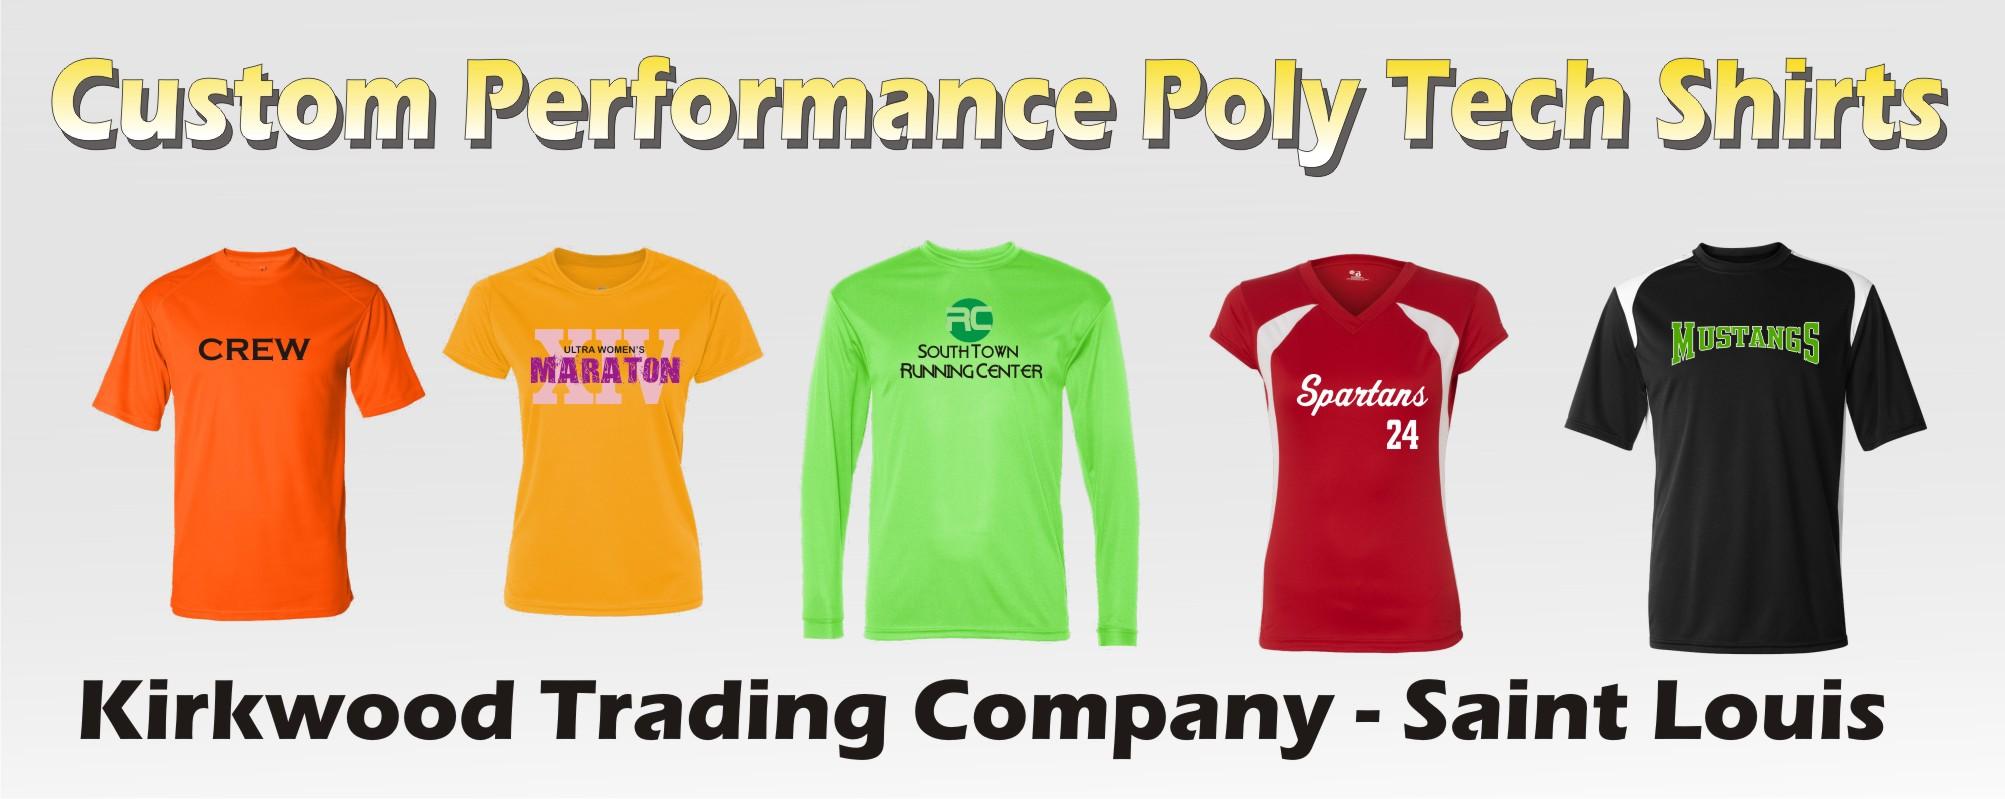 Custom Printed Performance Poly Tech Shirts Kirkwood